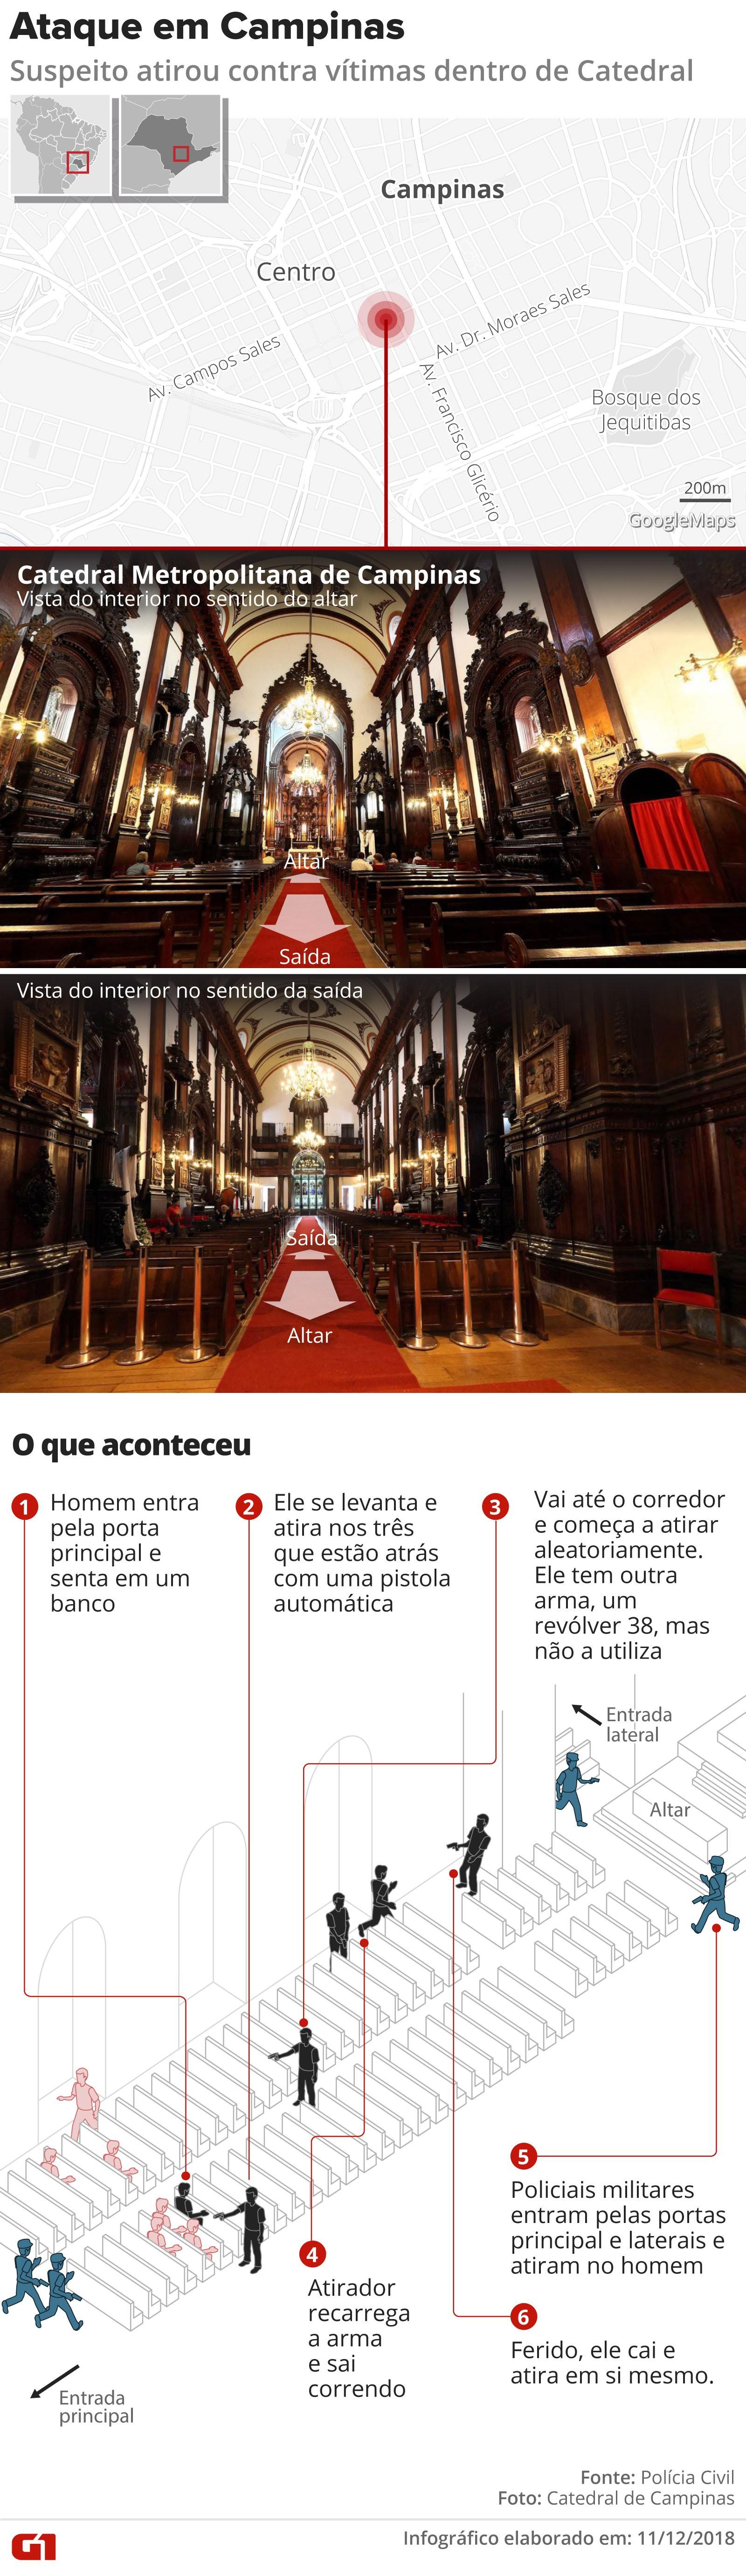 'Ficha não caiu', diz homem que teve irmão morto e mãe ferida em ataque na Catedral de Campinas - Noticias